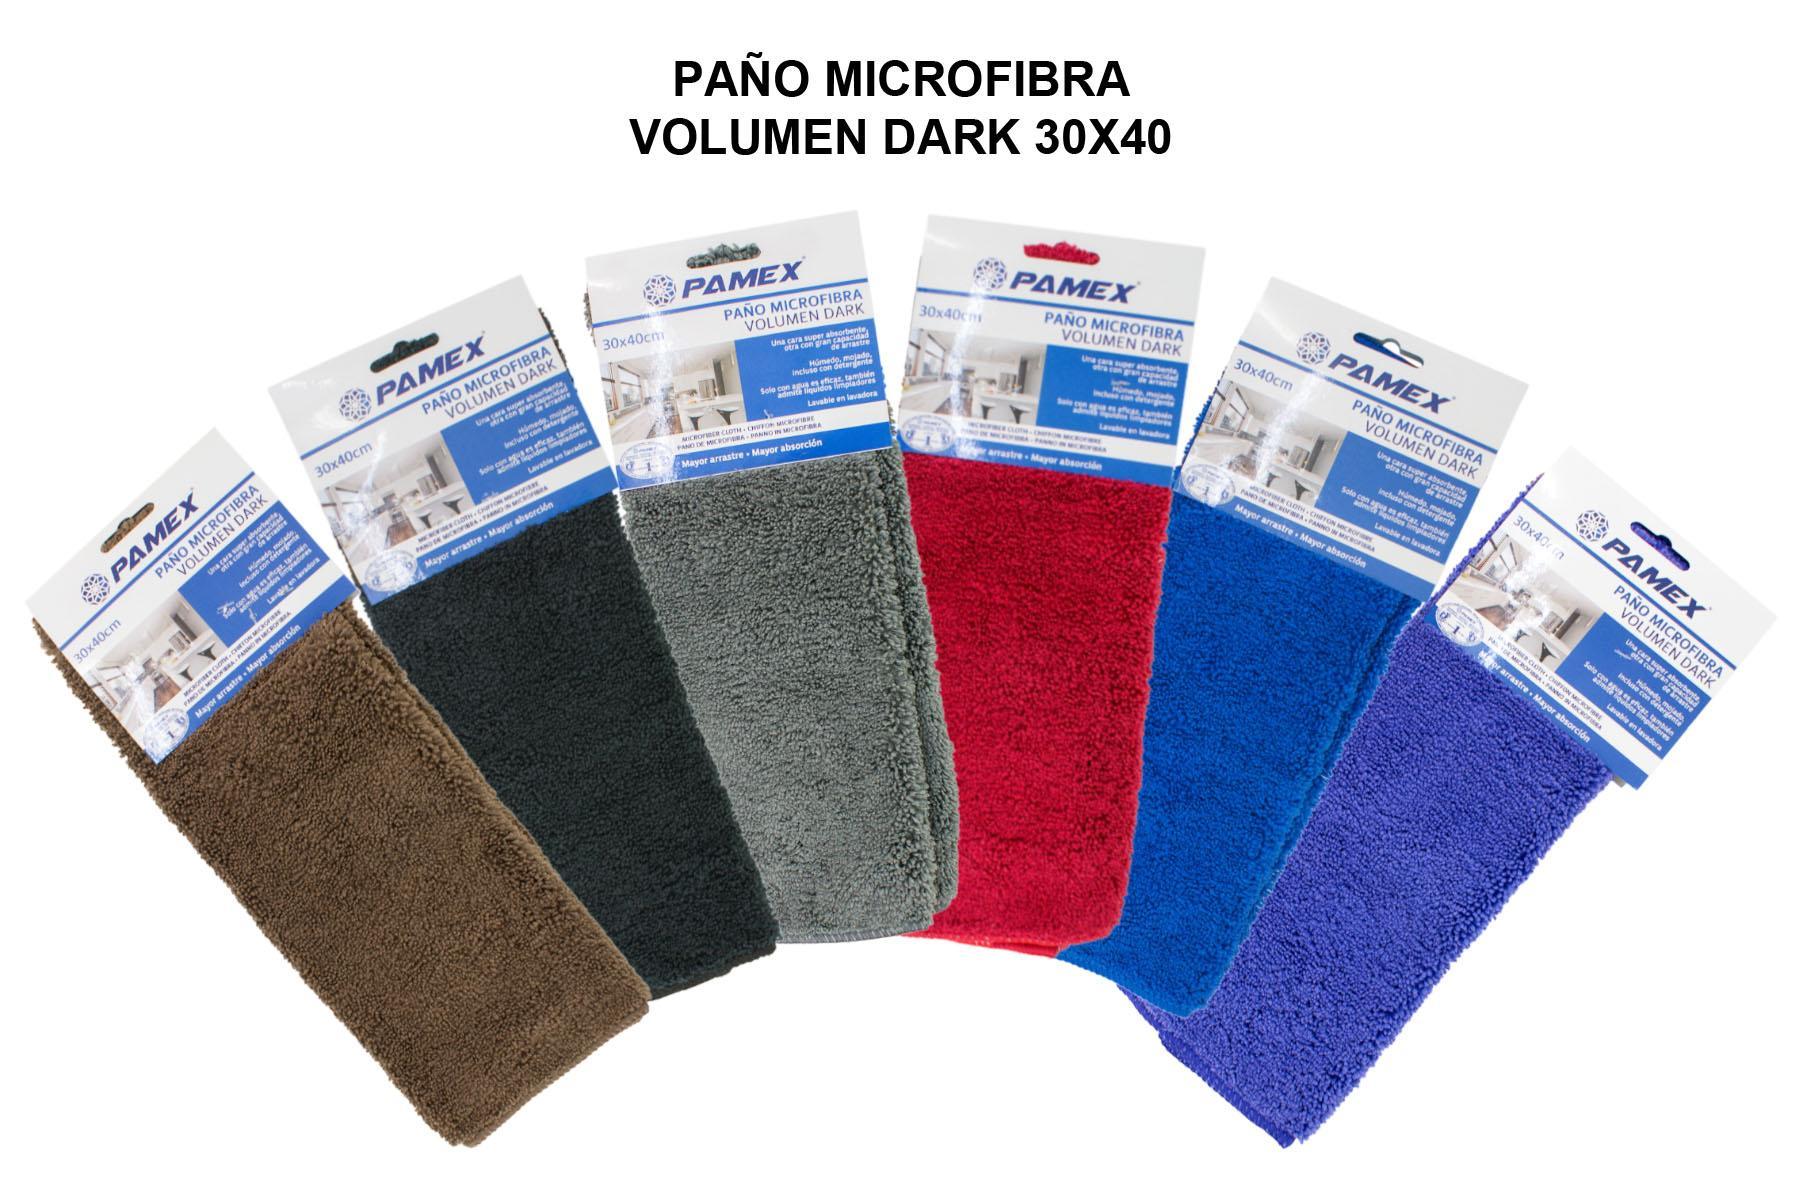 PAÑO MICROFIBRA VOLUMEN DARK 30X40 (PAQ 12 UND)